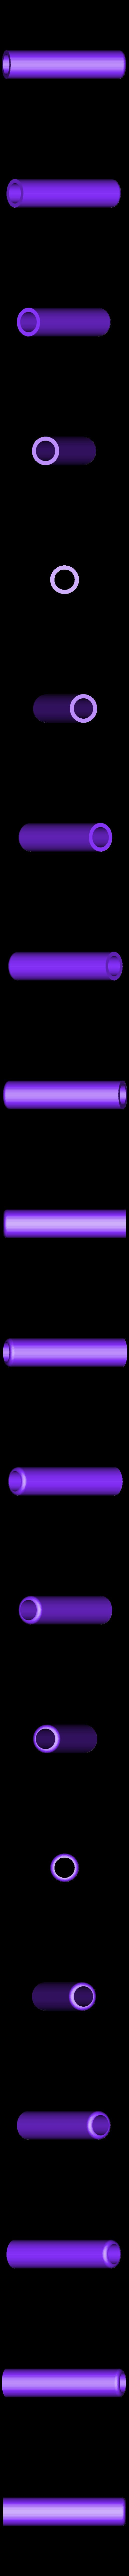 Barre_Rouleau_v1.stl Télécharger fichier STL support bobine imprimante 3d box diamètre 70mm / support bobine imprimante 3d box diamètre 70mm • Design à imprimer en 3D, Spelth